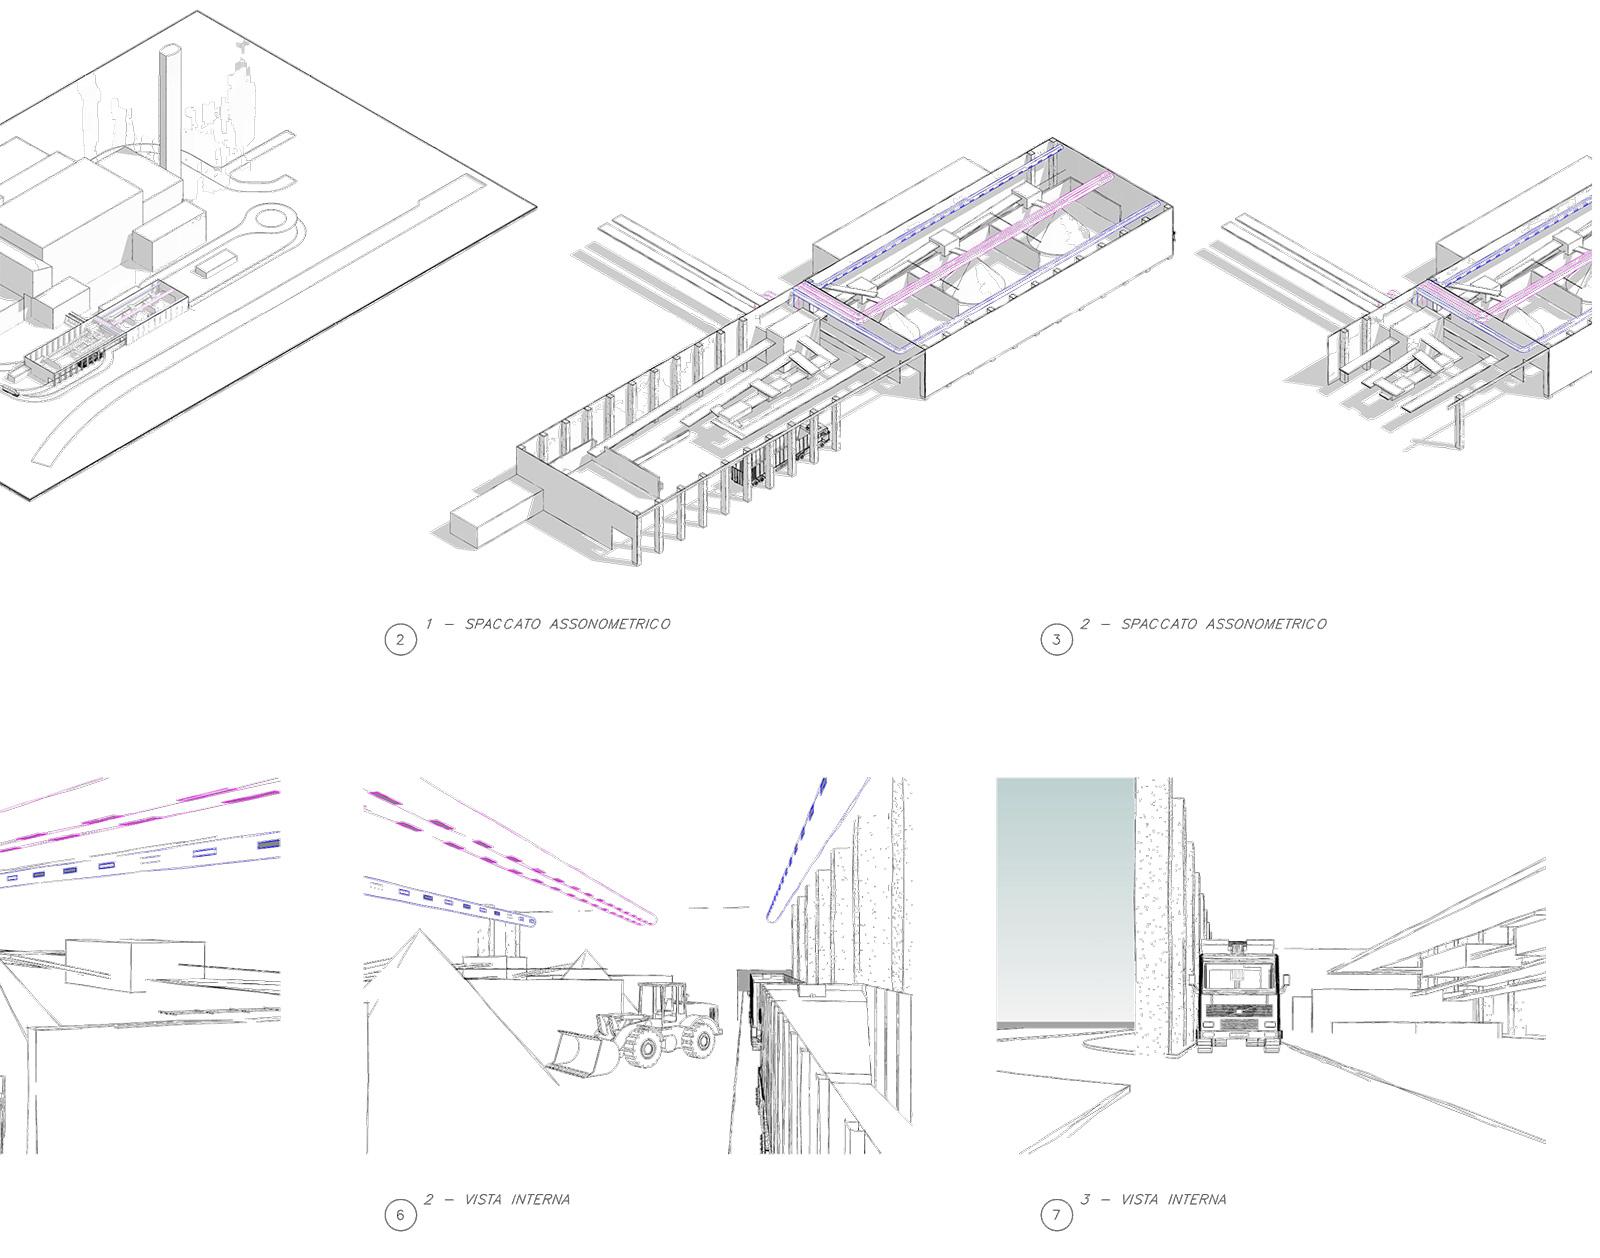 Gruppo ingegneria Torino - Nuovo edificio con sistema di separazione e gestione scorie